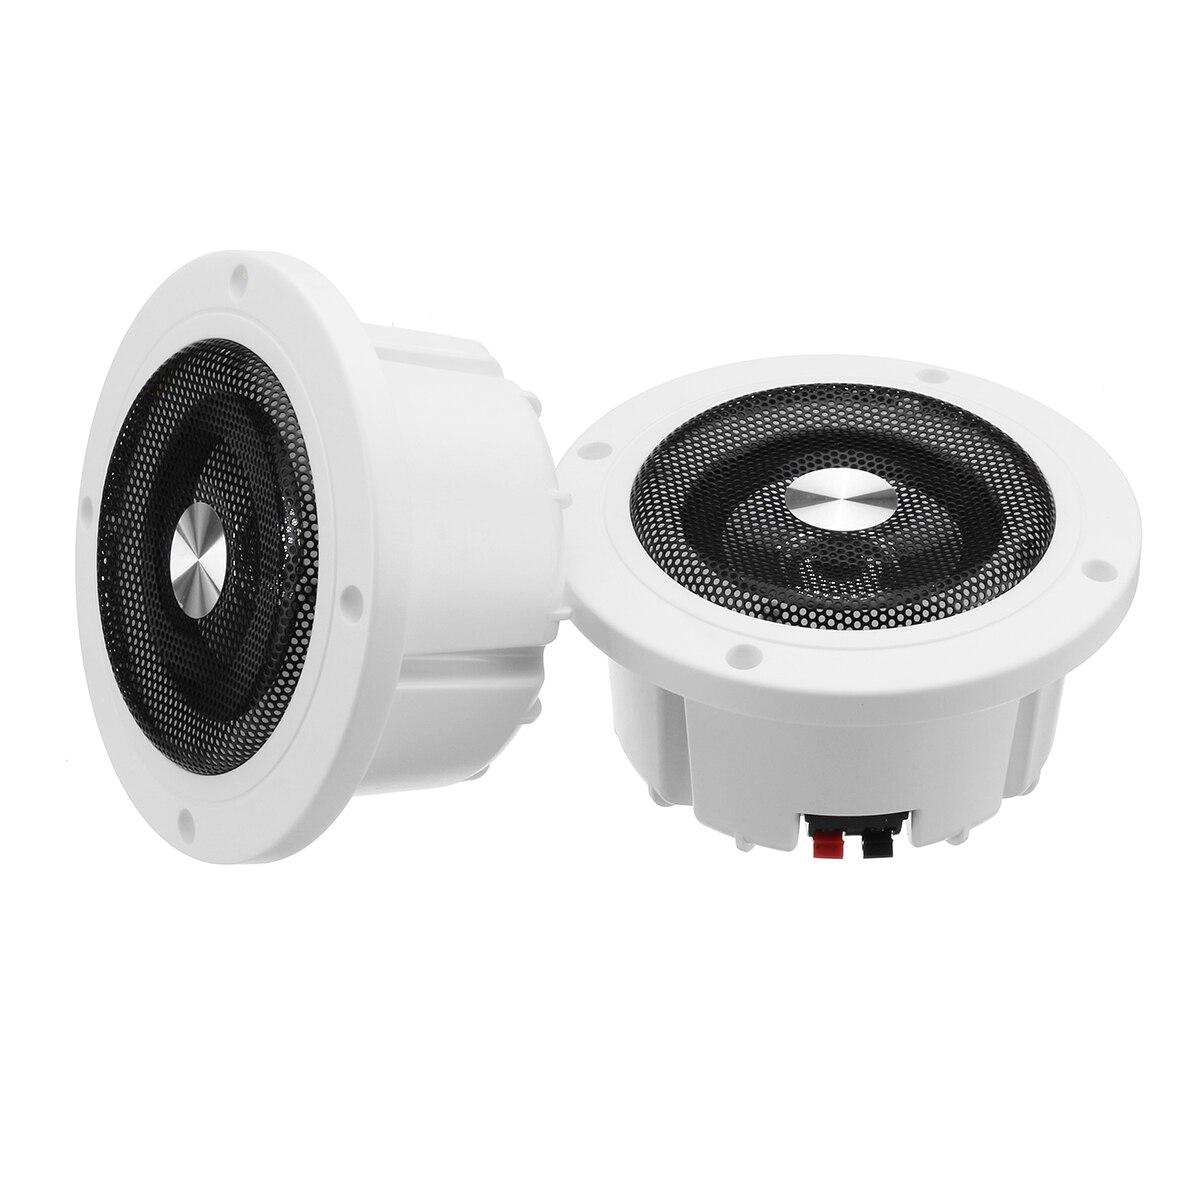 5,2 inch 60W Runde Decke In-Wand Home Audio Lautsprecher System Flush Mount Lautsprecher Mit Verstärker Decke Lautsprecher